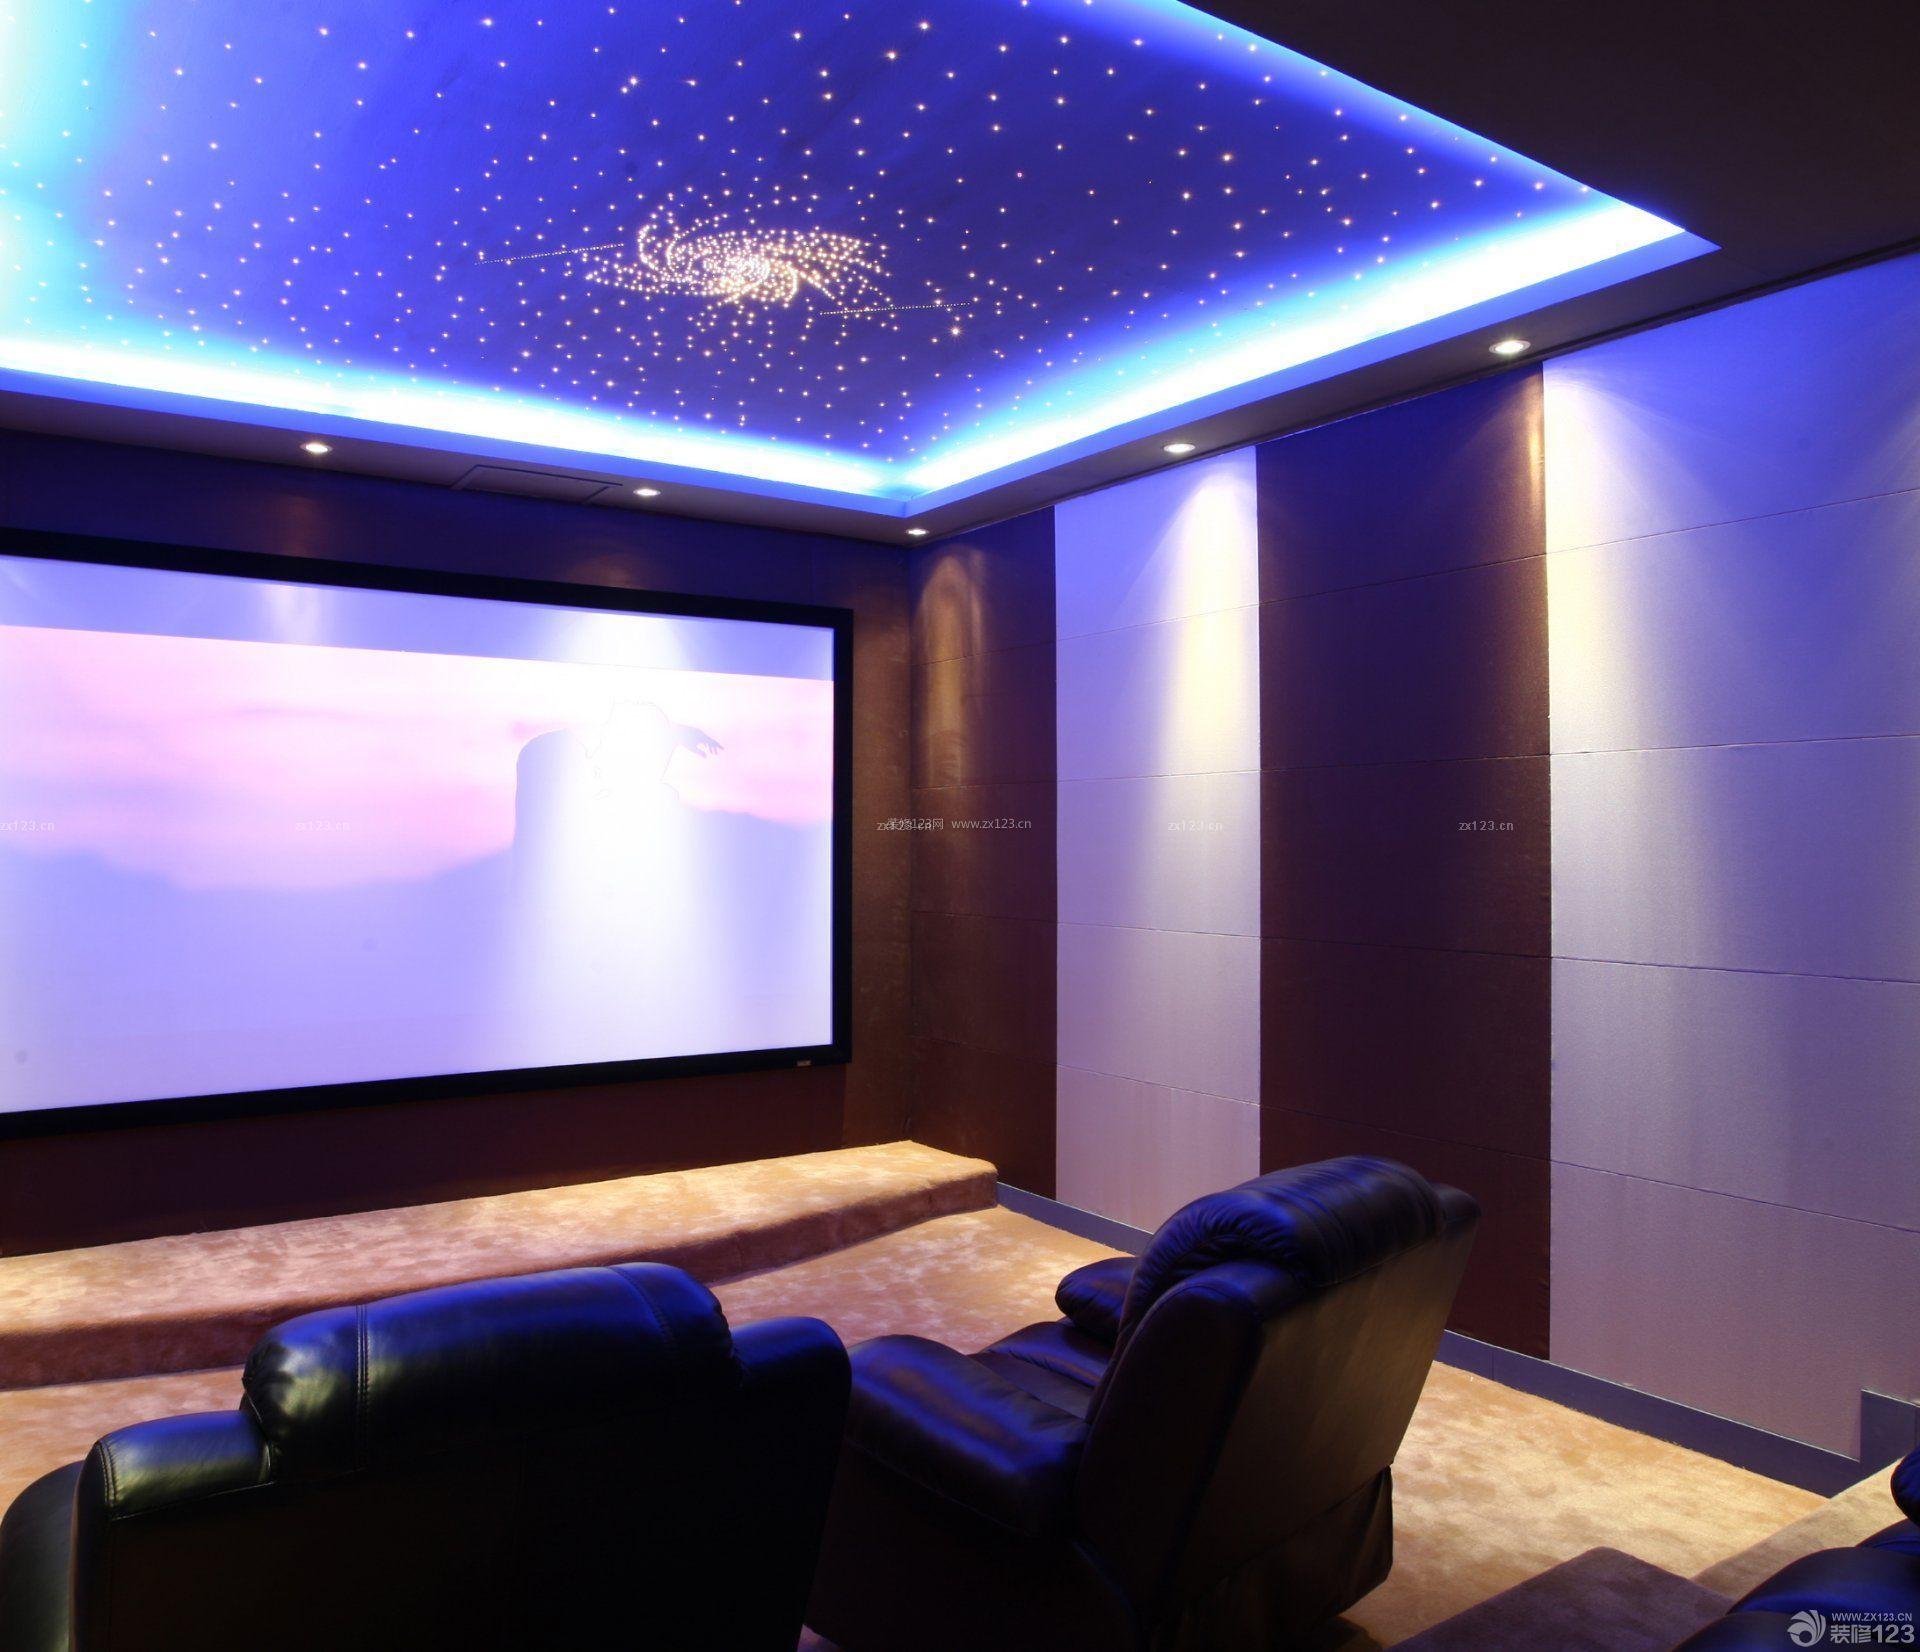 家庭ktv天花板设计效果图片欣赏_装修123效果图